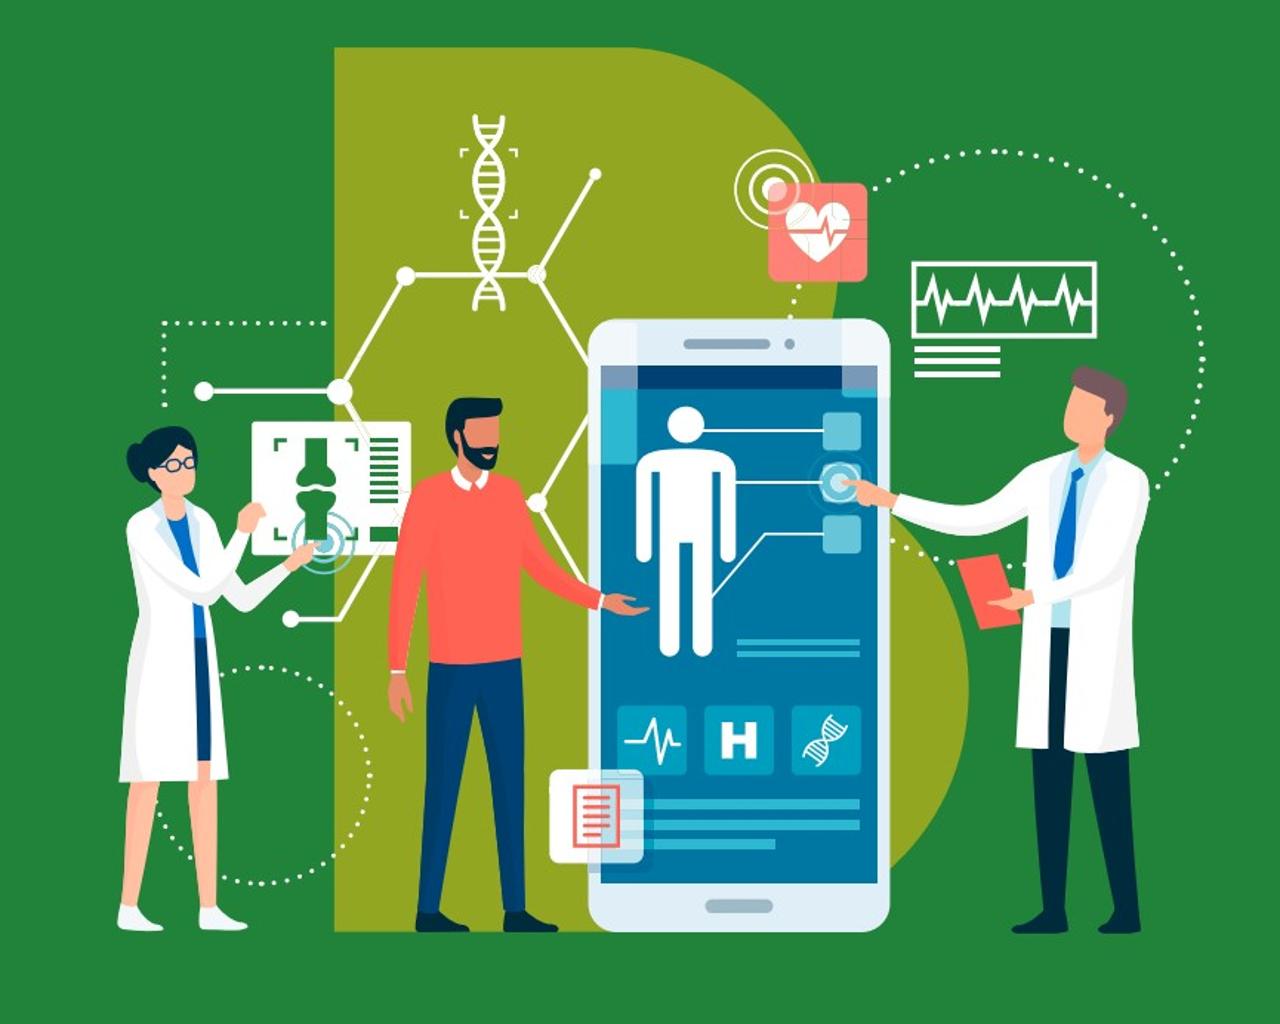 Ψηφιακή υγεία φαρμακευτική: Πώς μπορούν να αξιοποιηθούν τα κέρδη της [vid]